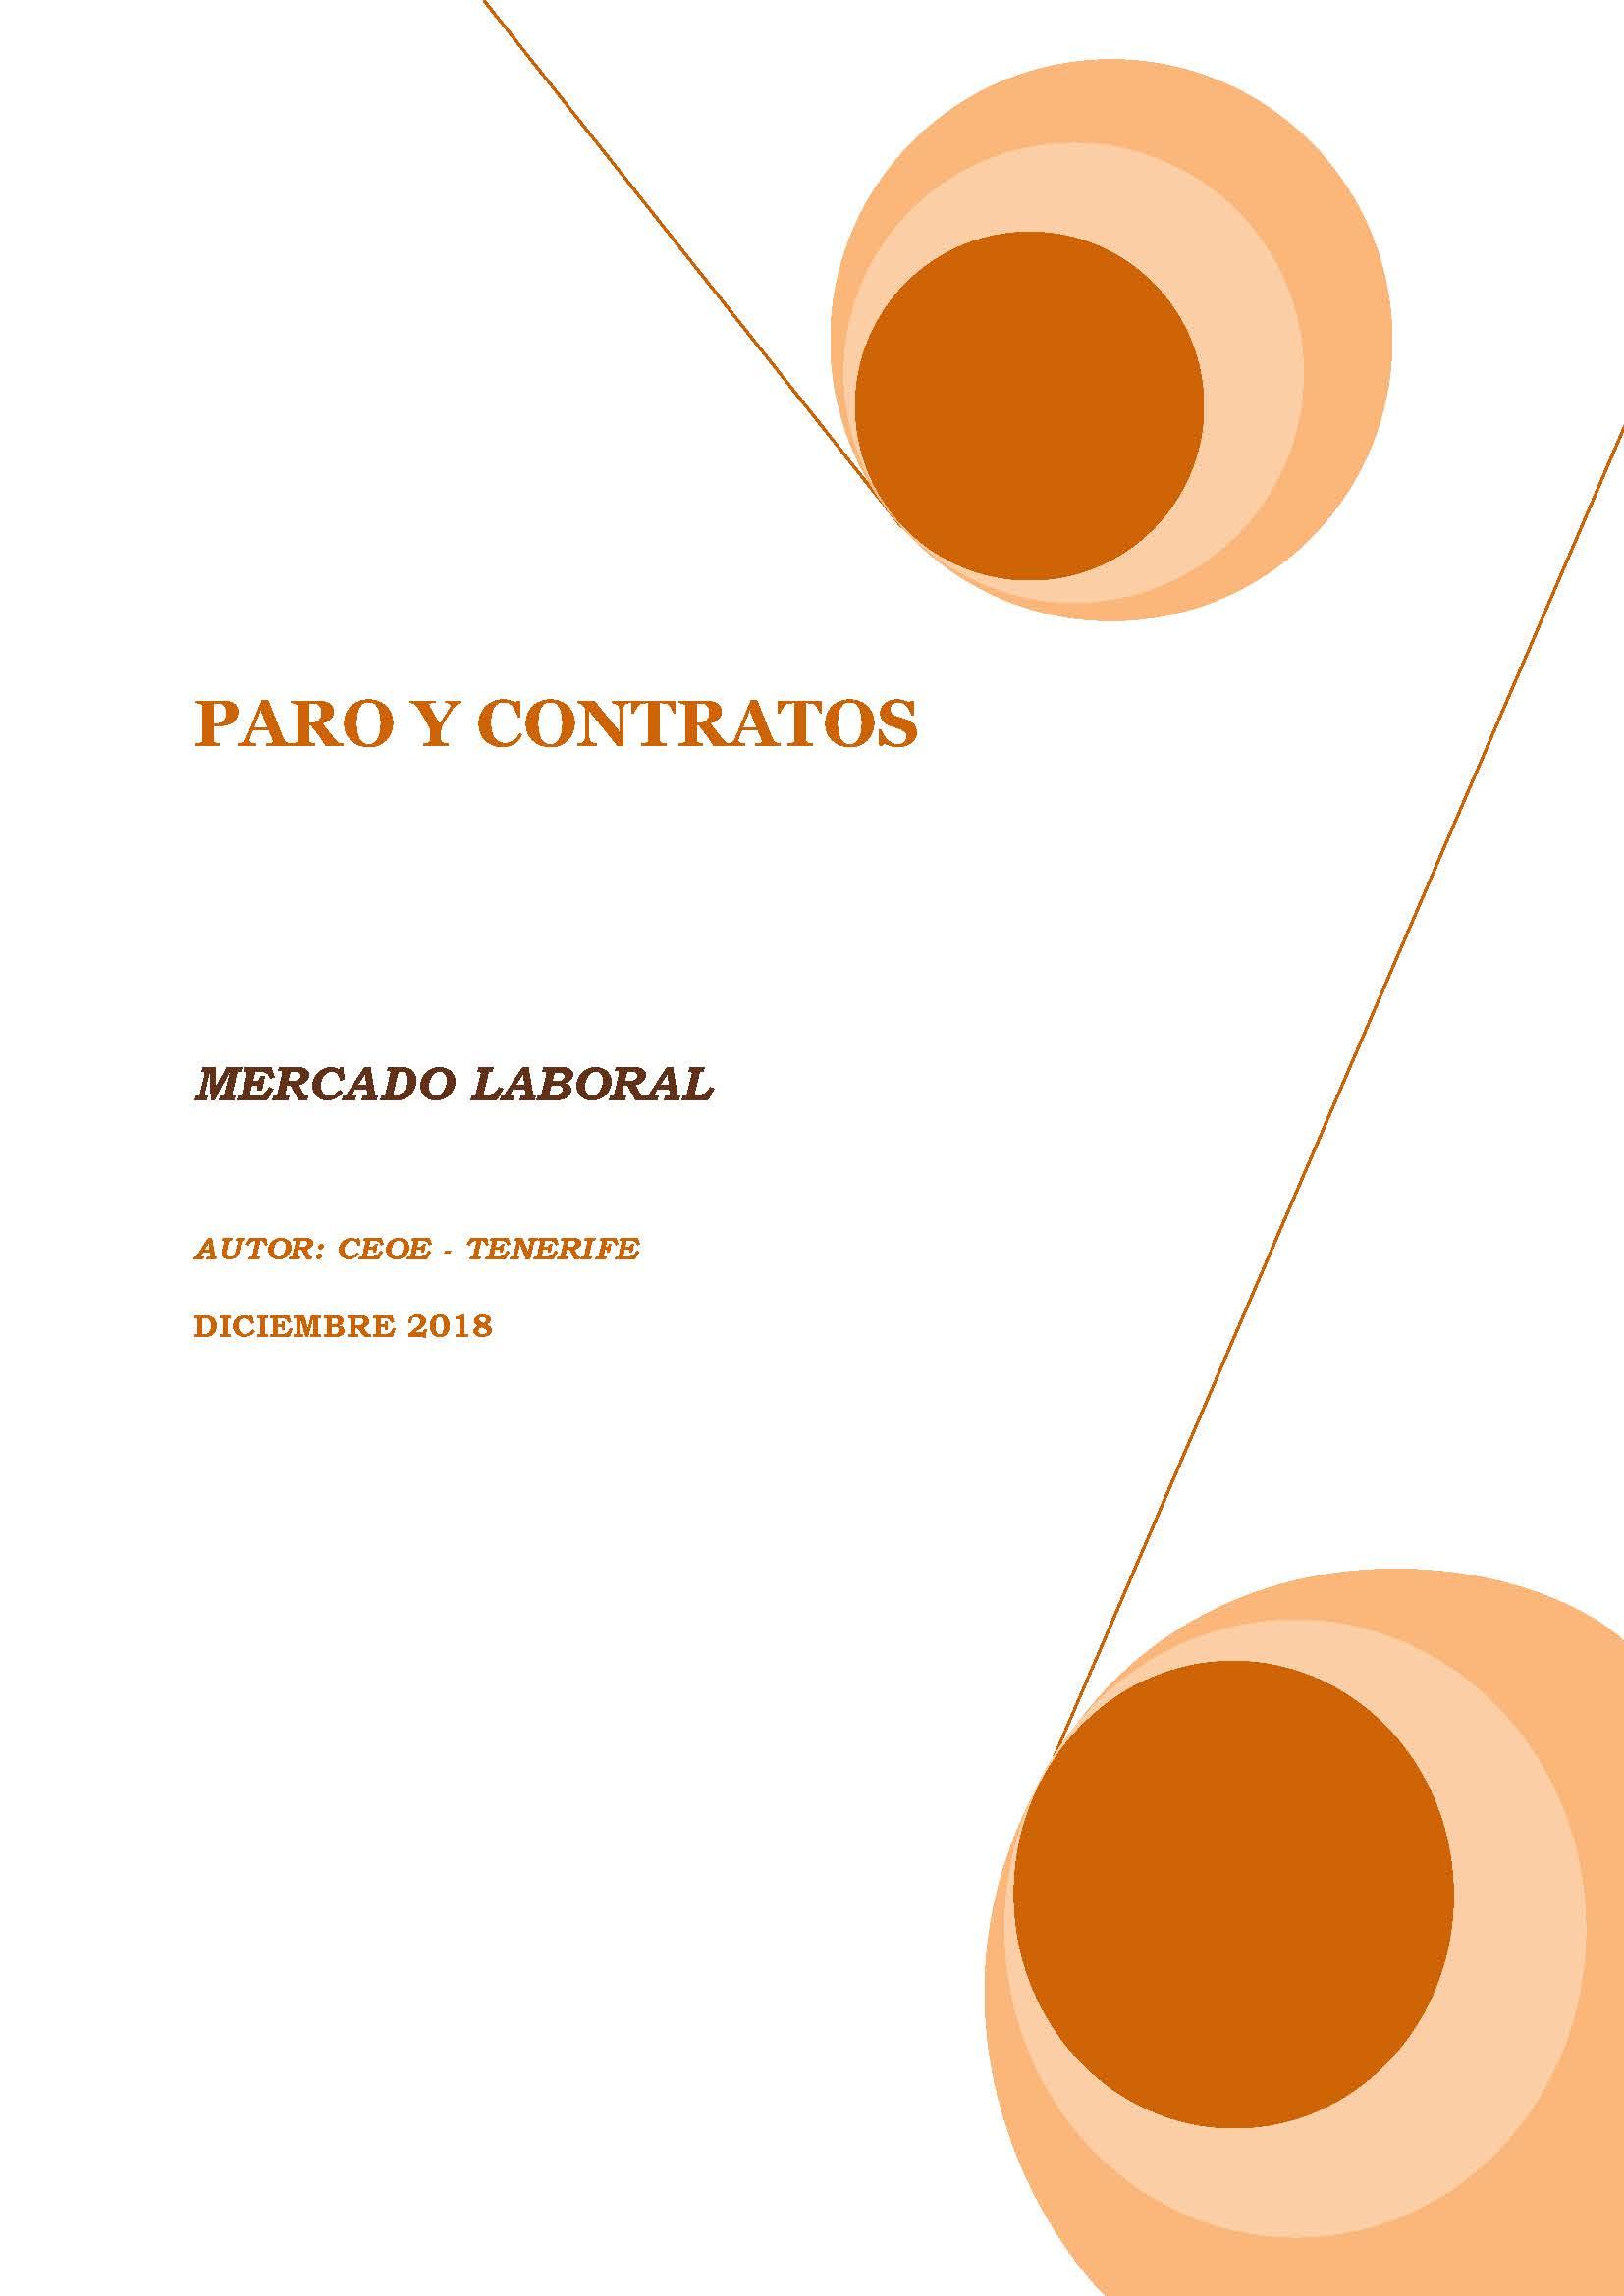 MERCADO LABORAL - PARO Y CONTRATOS DICIEMBRE 2018